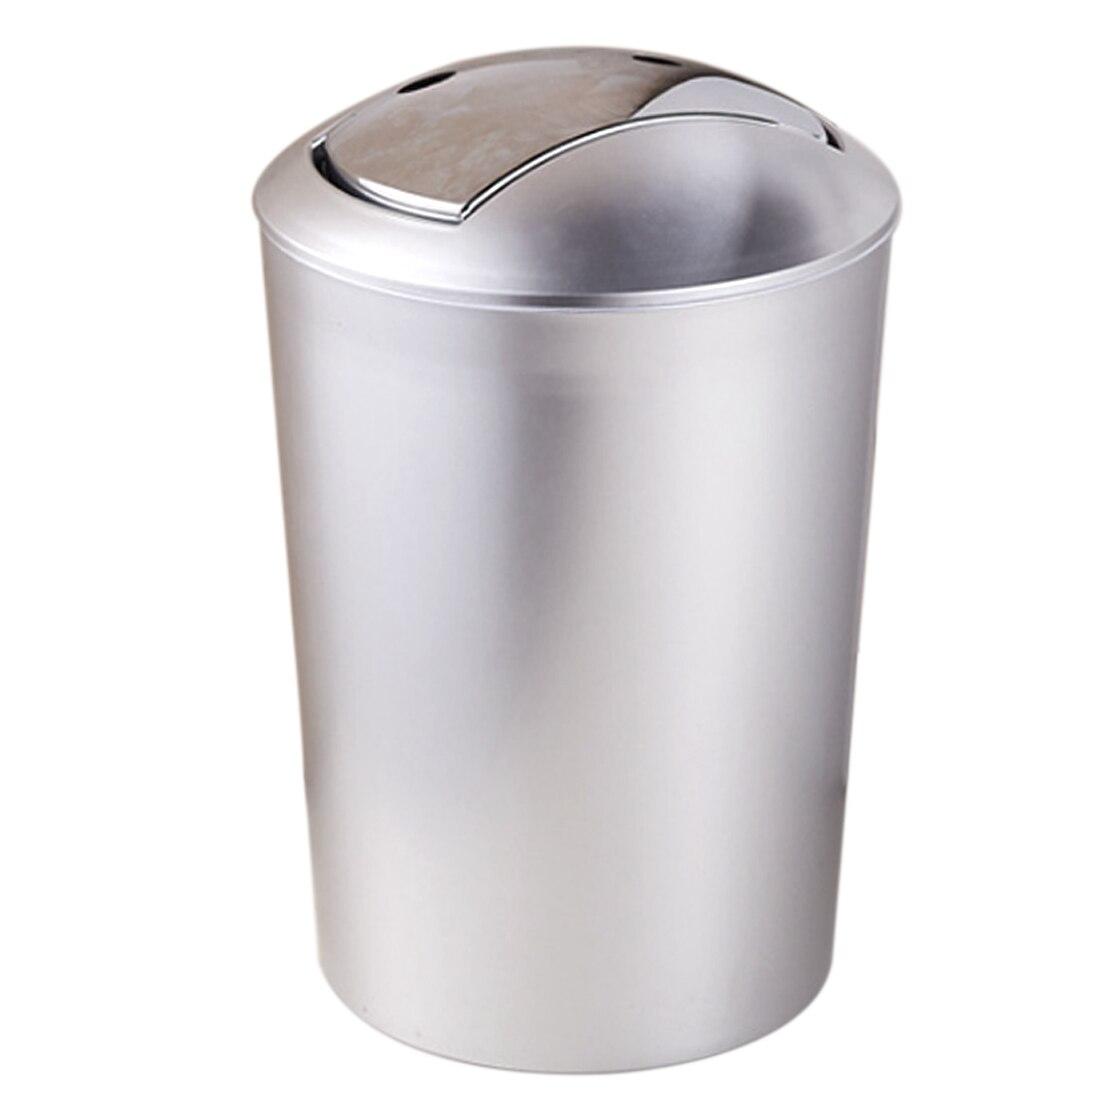 HIPSTEEN 6.5L Thicken Bathroom Garbage European Style Trash Wastebin With  Lid Kitchen Trash Cans Storage